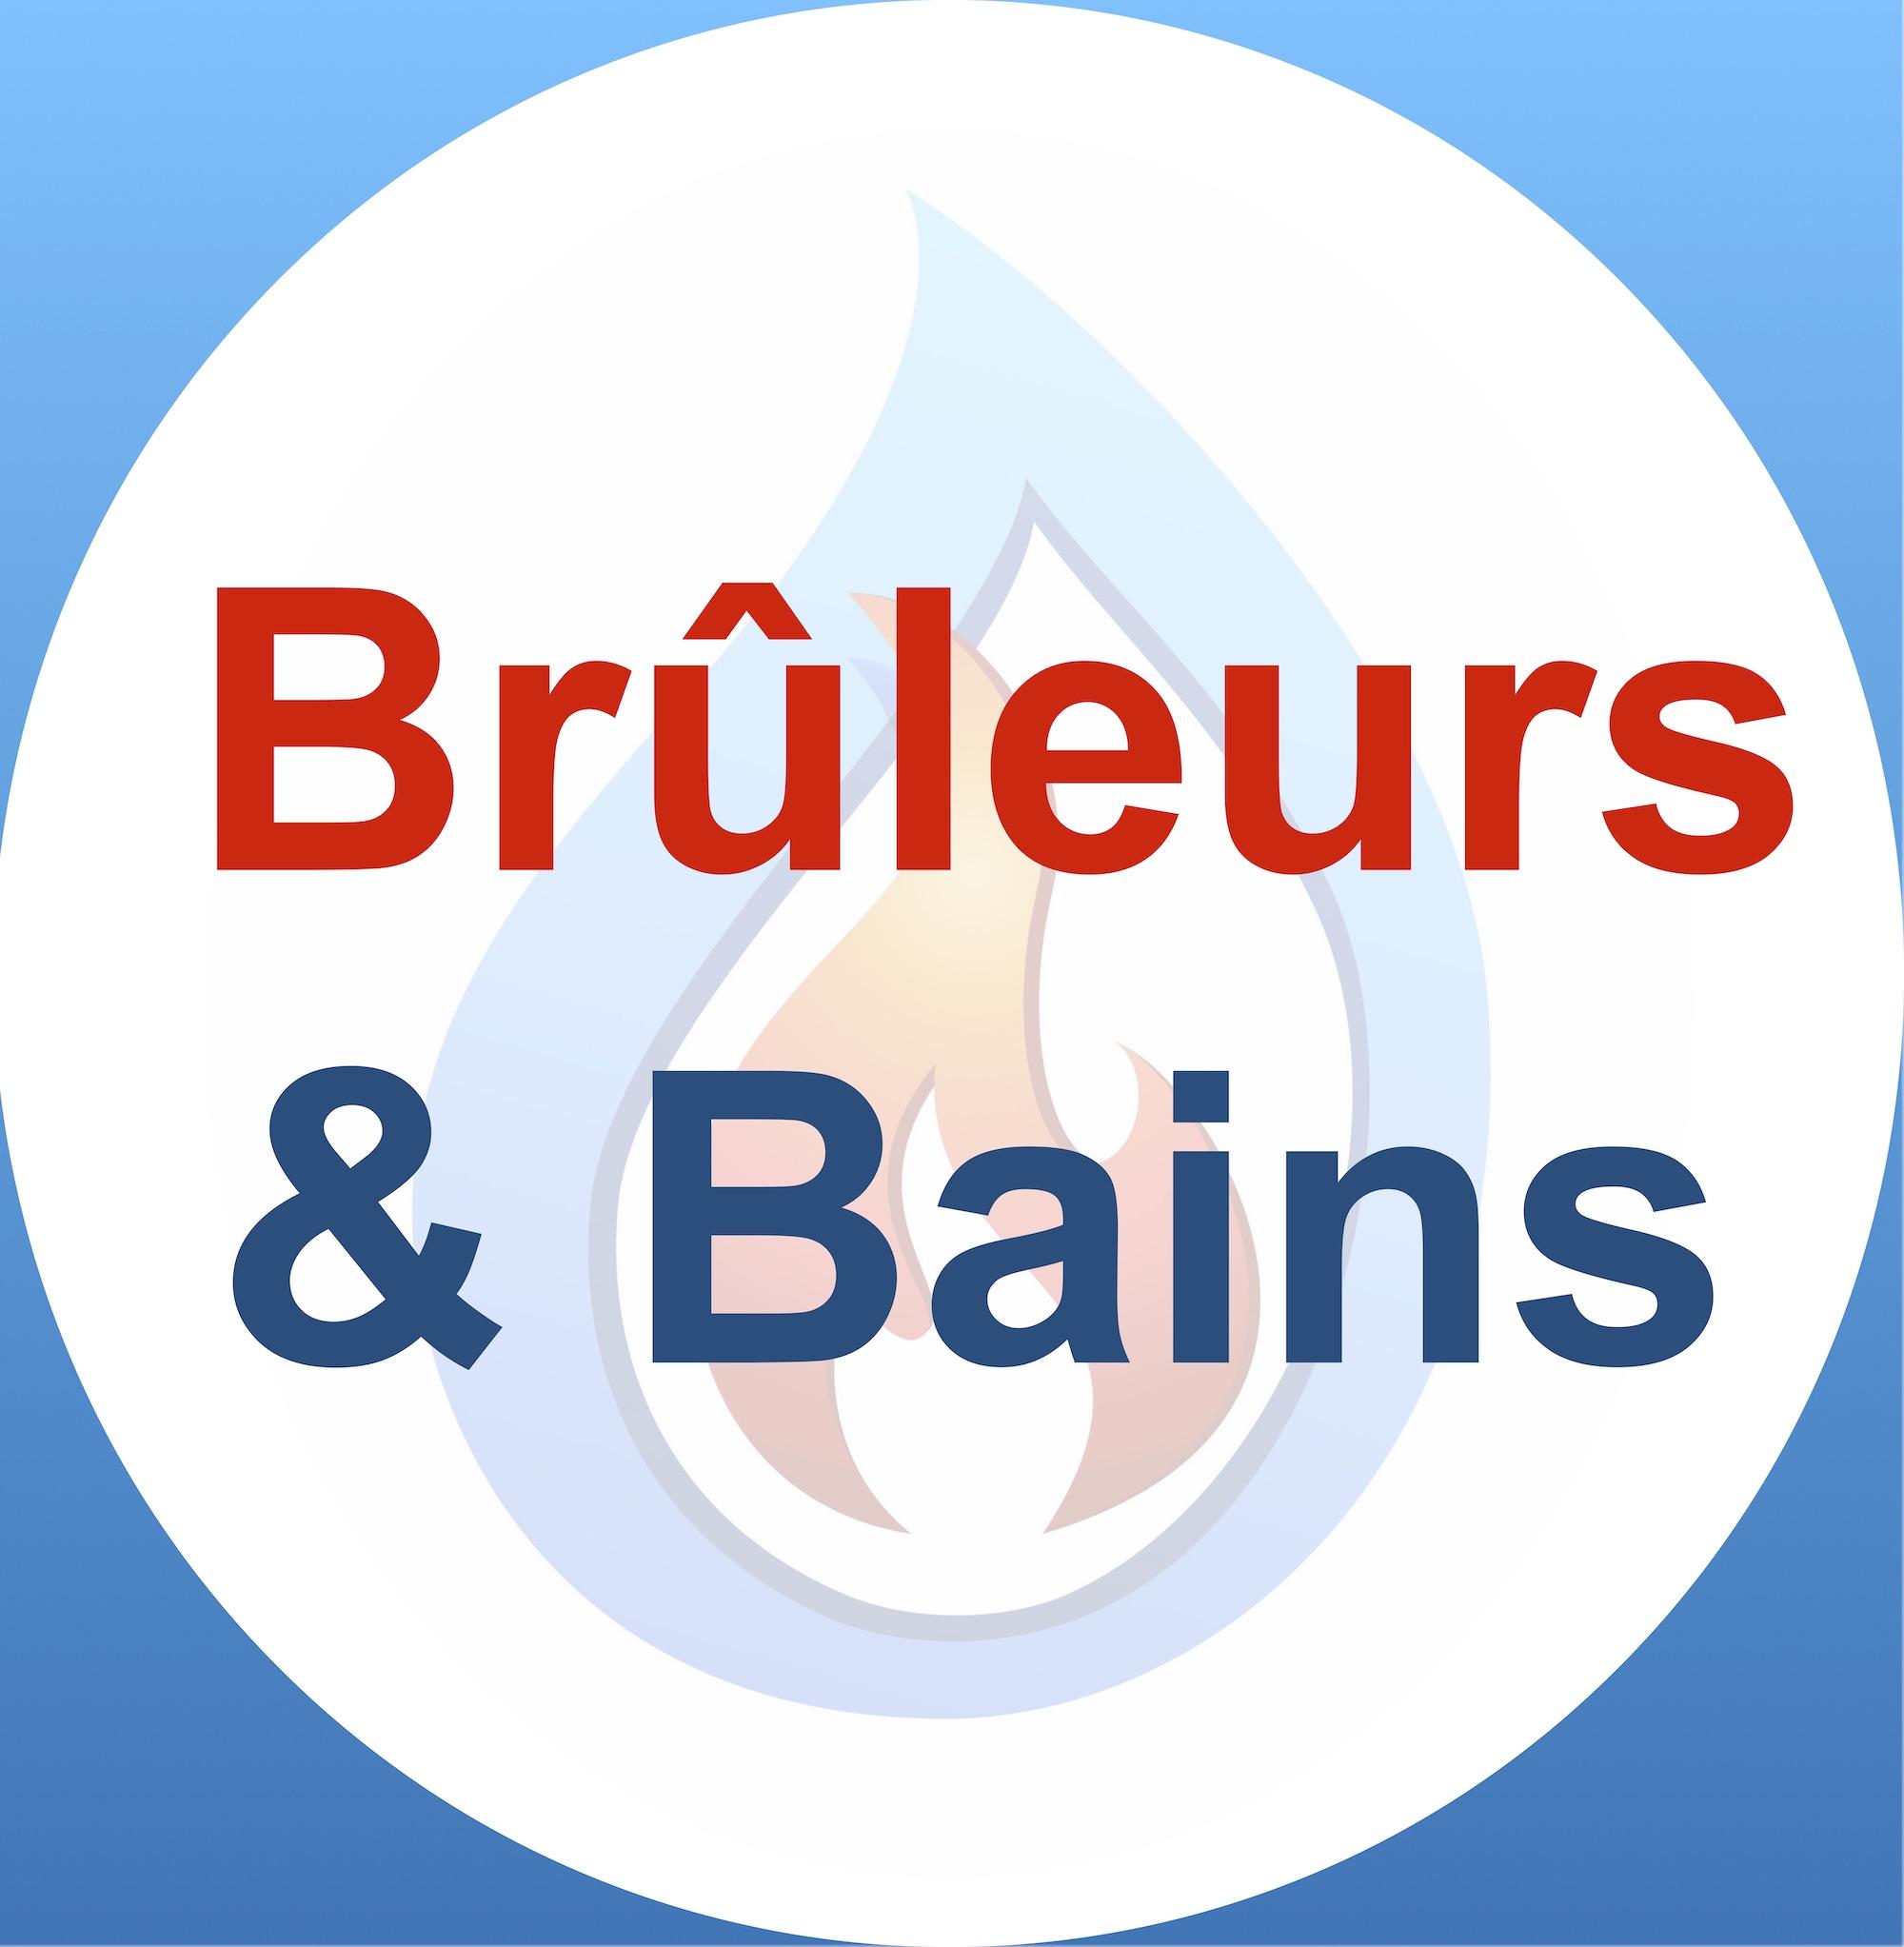 Brûleurs & Bains